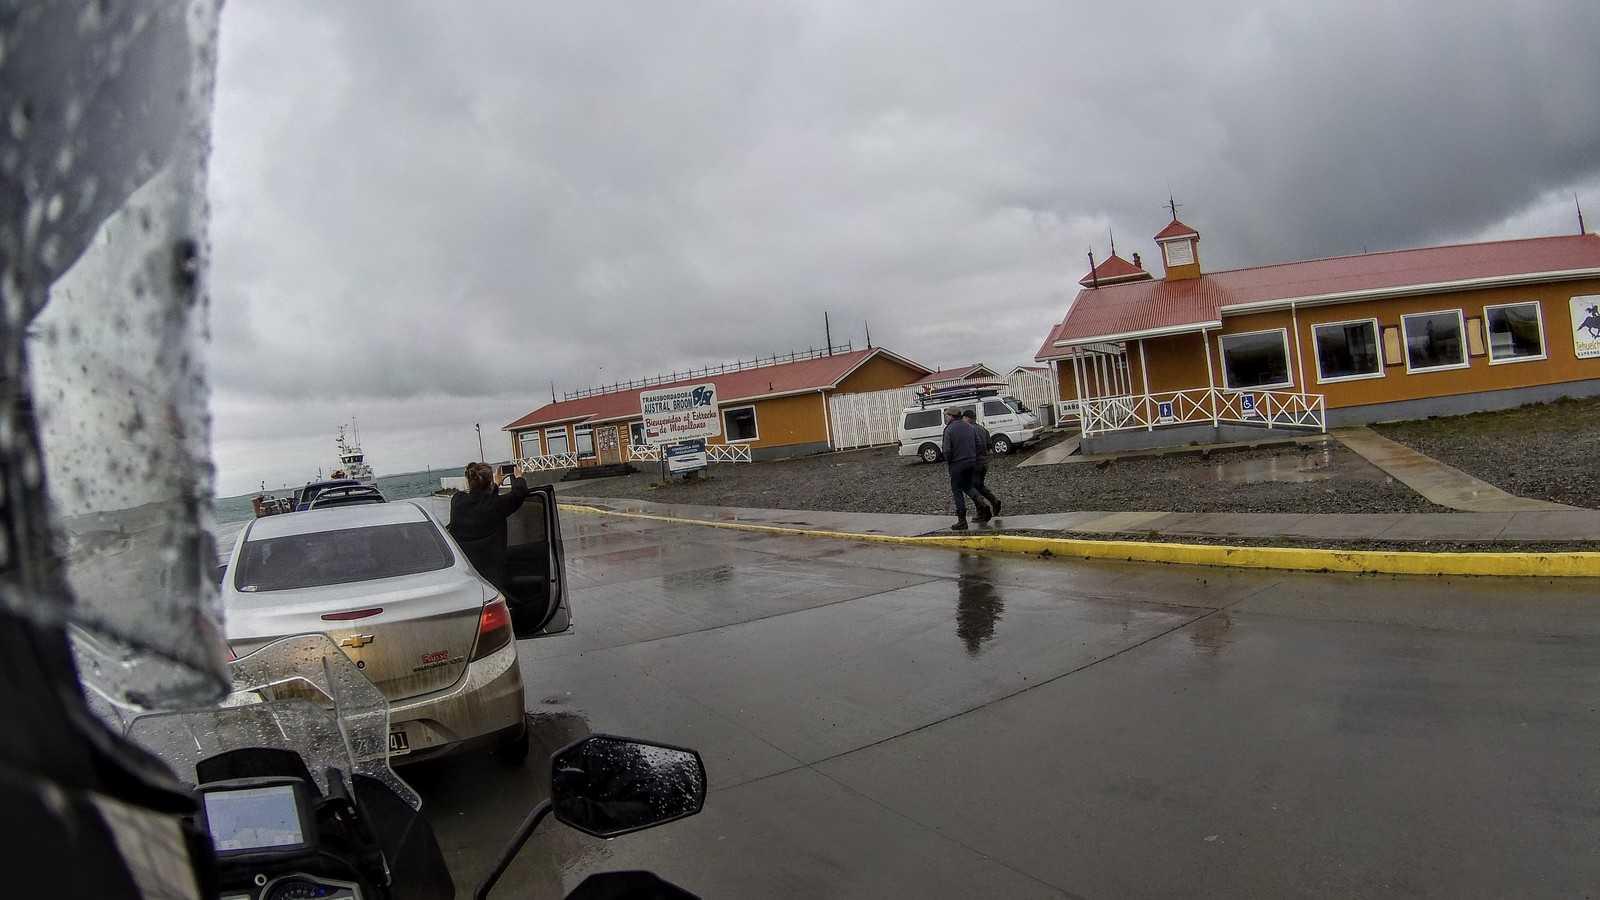 Puerto Progreso, San Gregorio, Cruce Punta Delgada